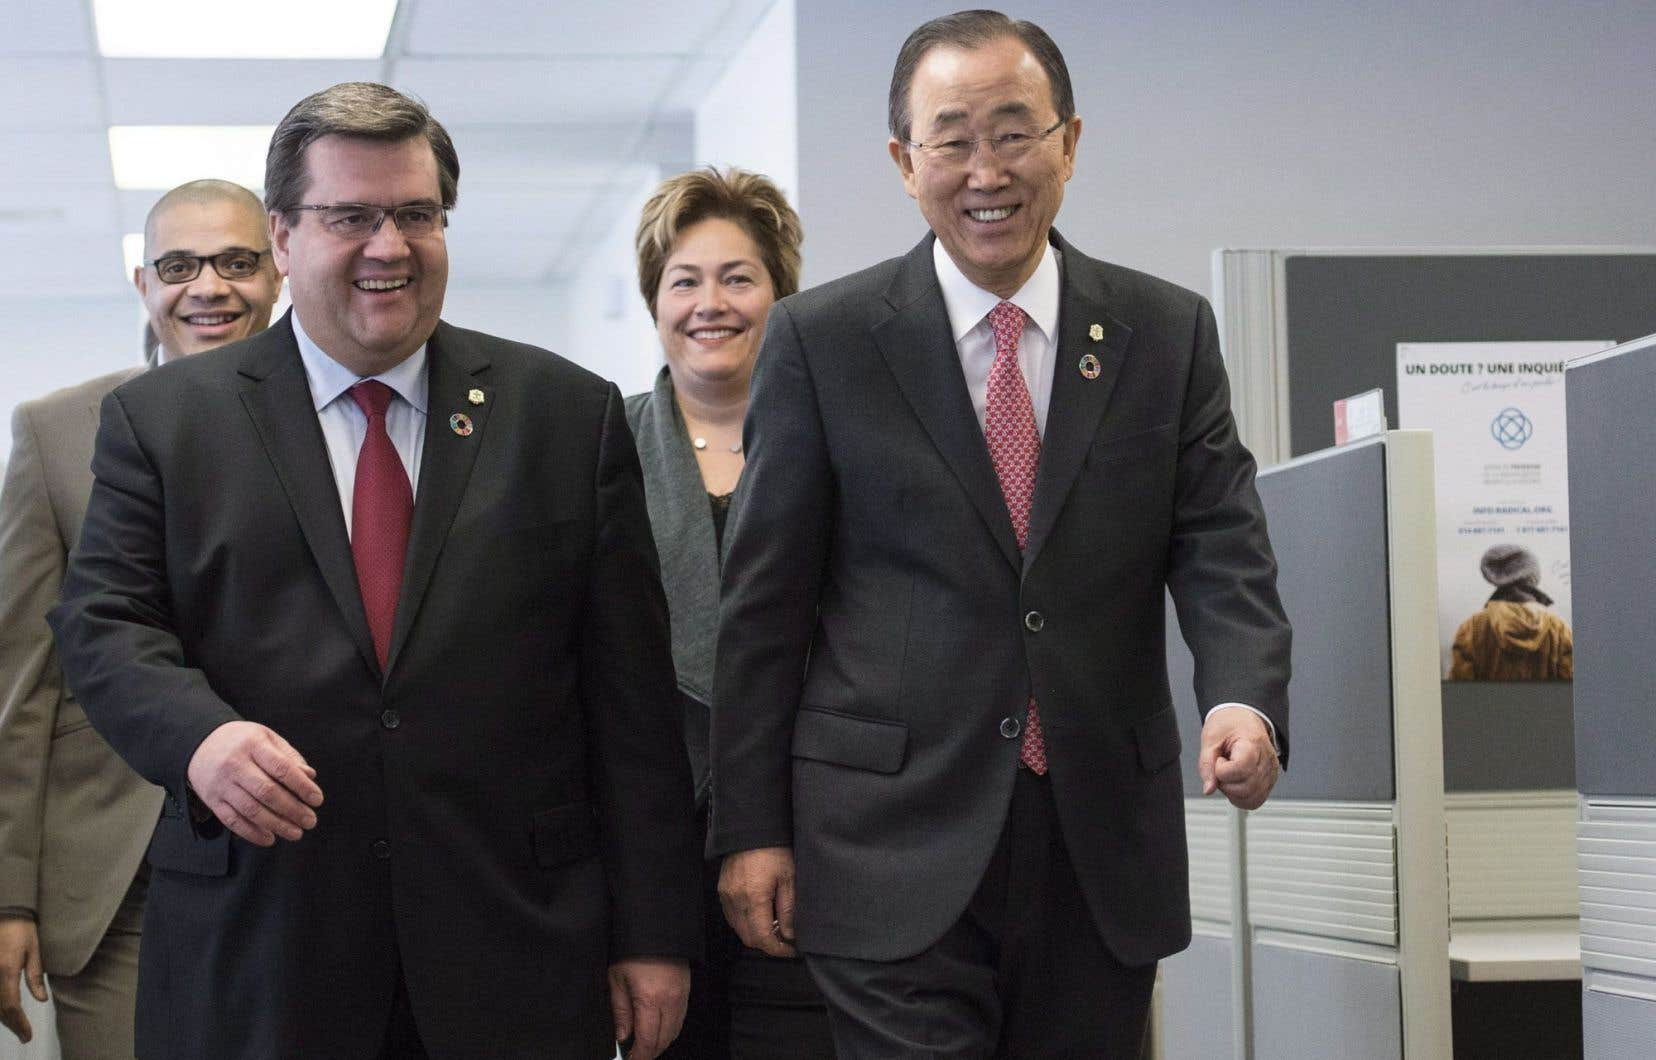 Ban Ki-moon a salué l'approche préventive de la Ville de Montréal lors d'une visite à un centre anti-radicalisation, samedi matin.<br />